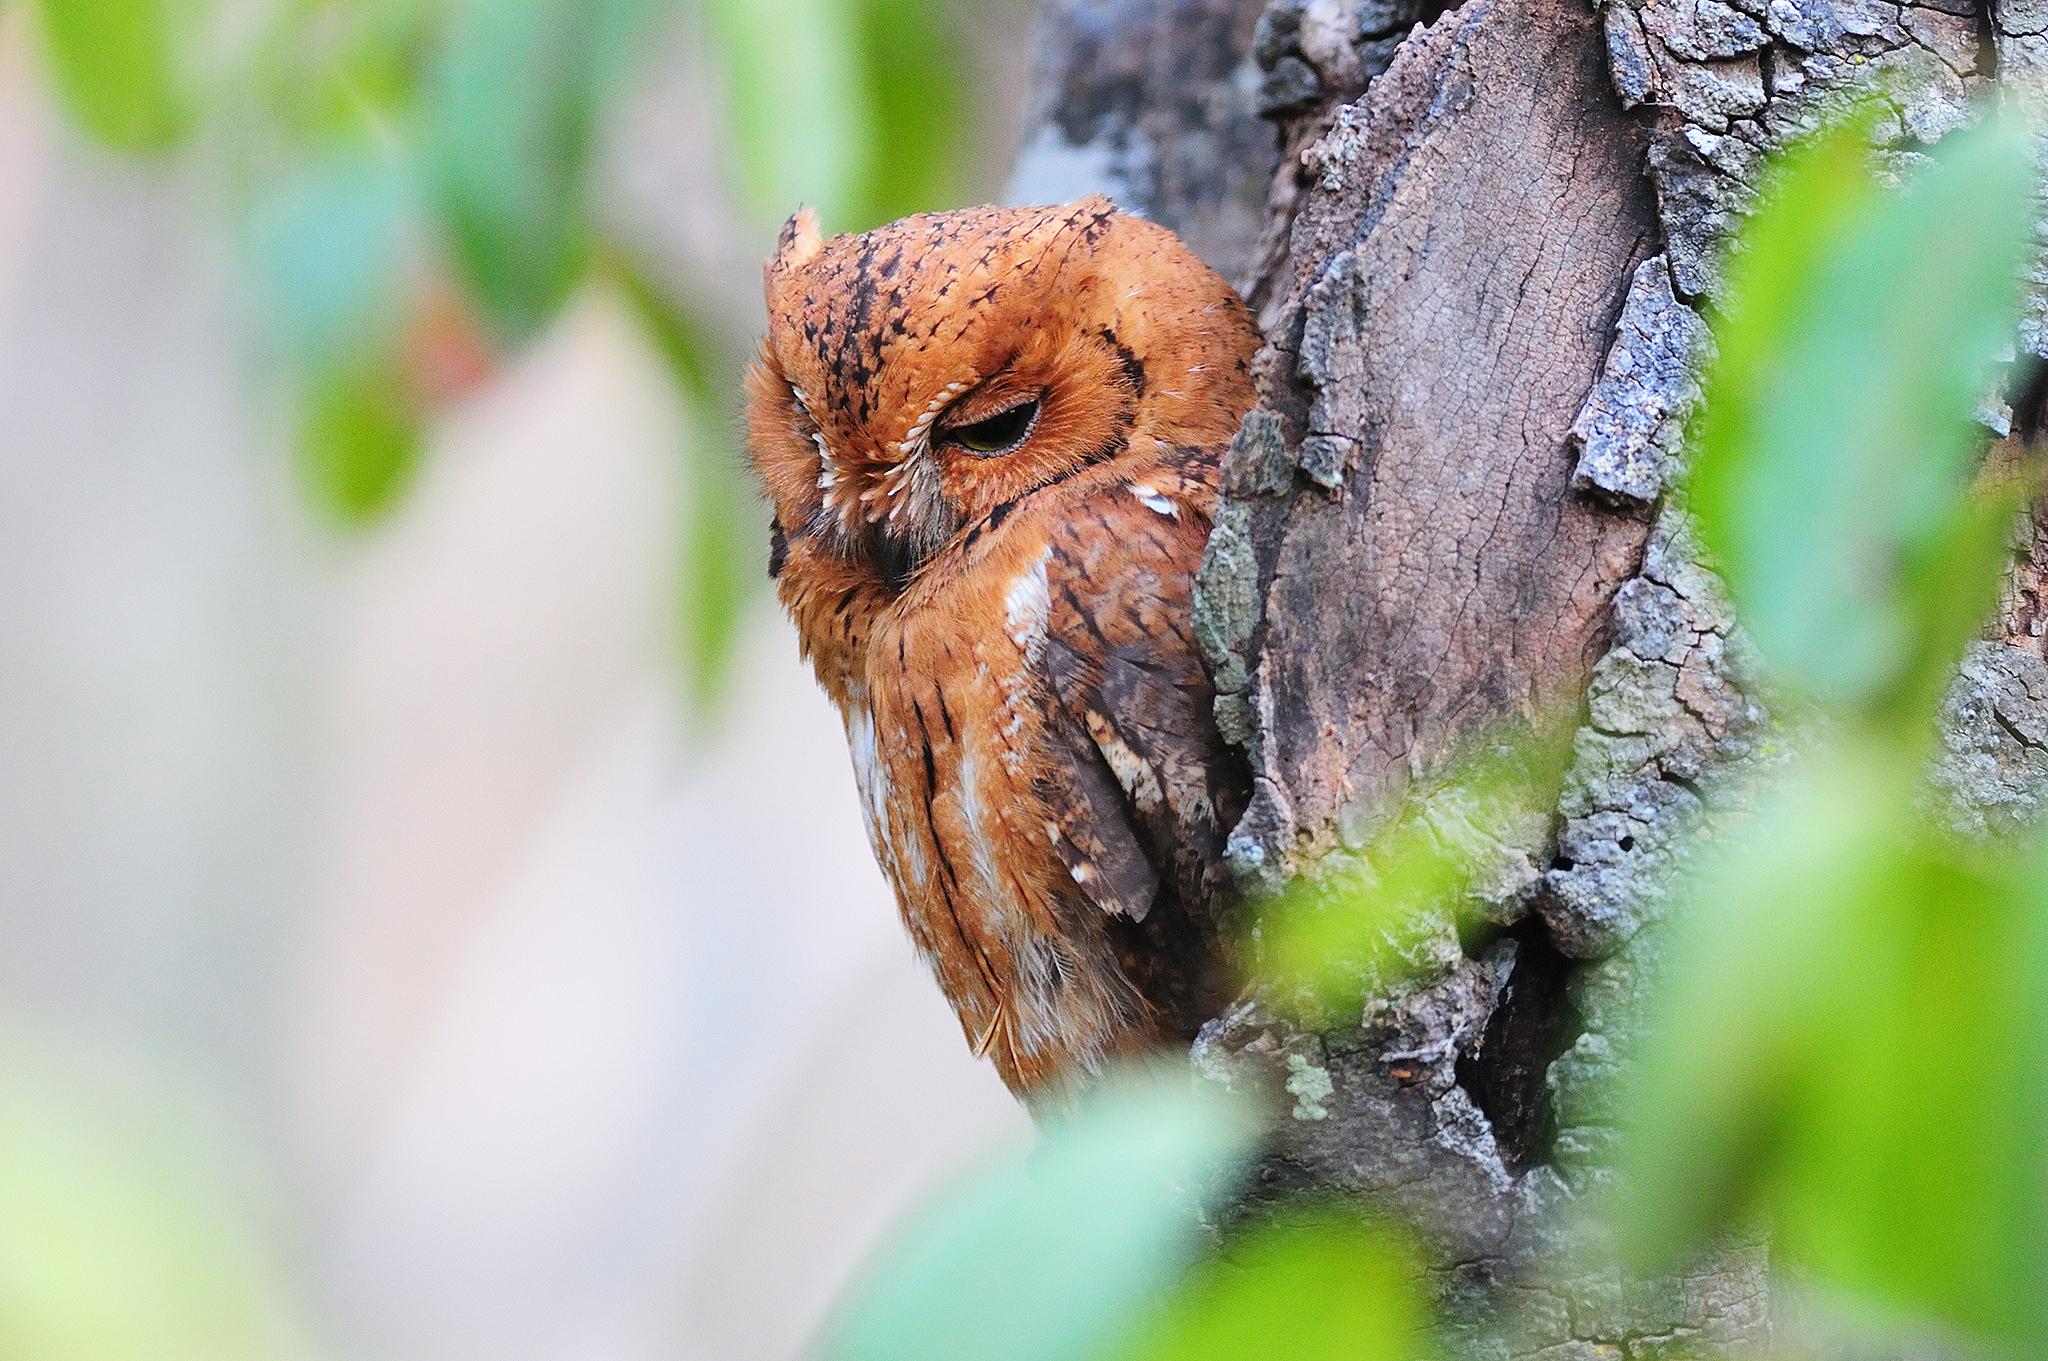 Torotoroka Scops Owl - Ampijoroa - Madag